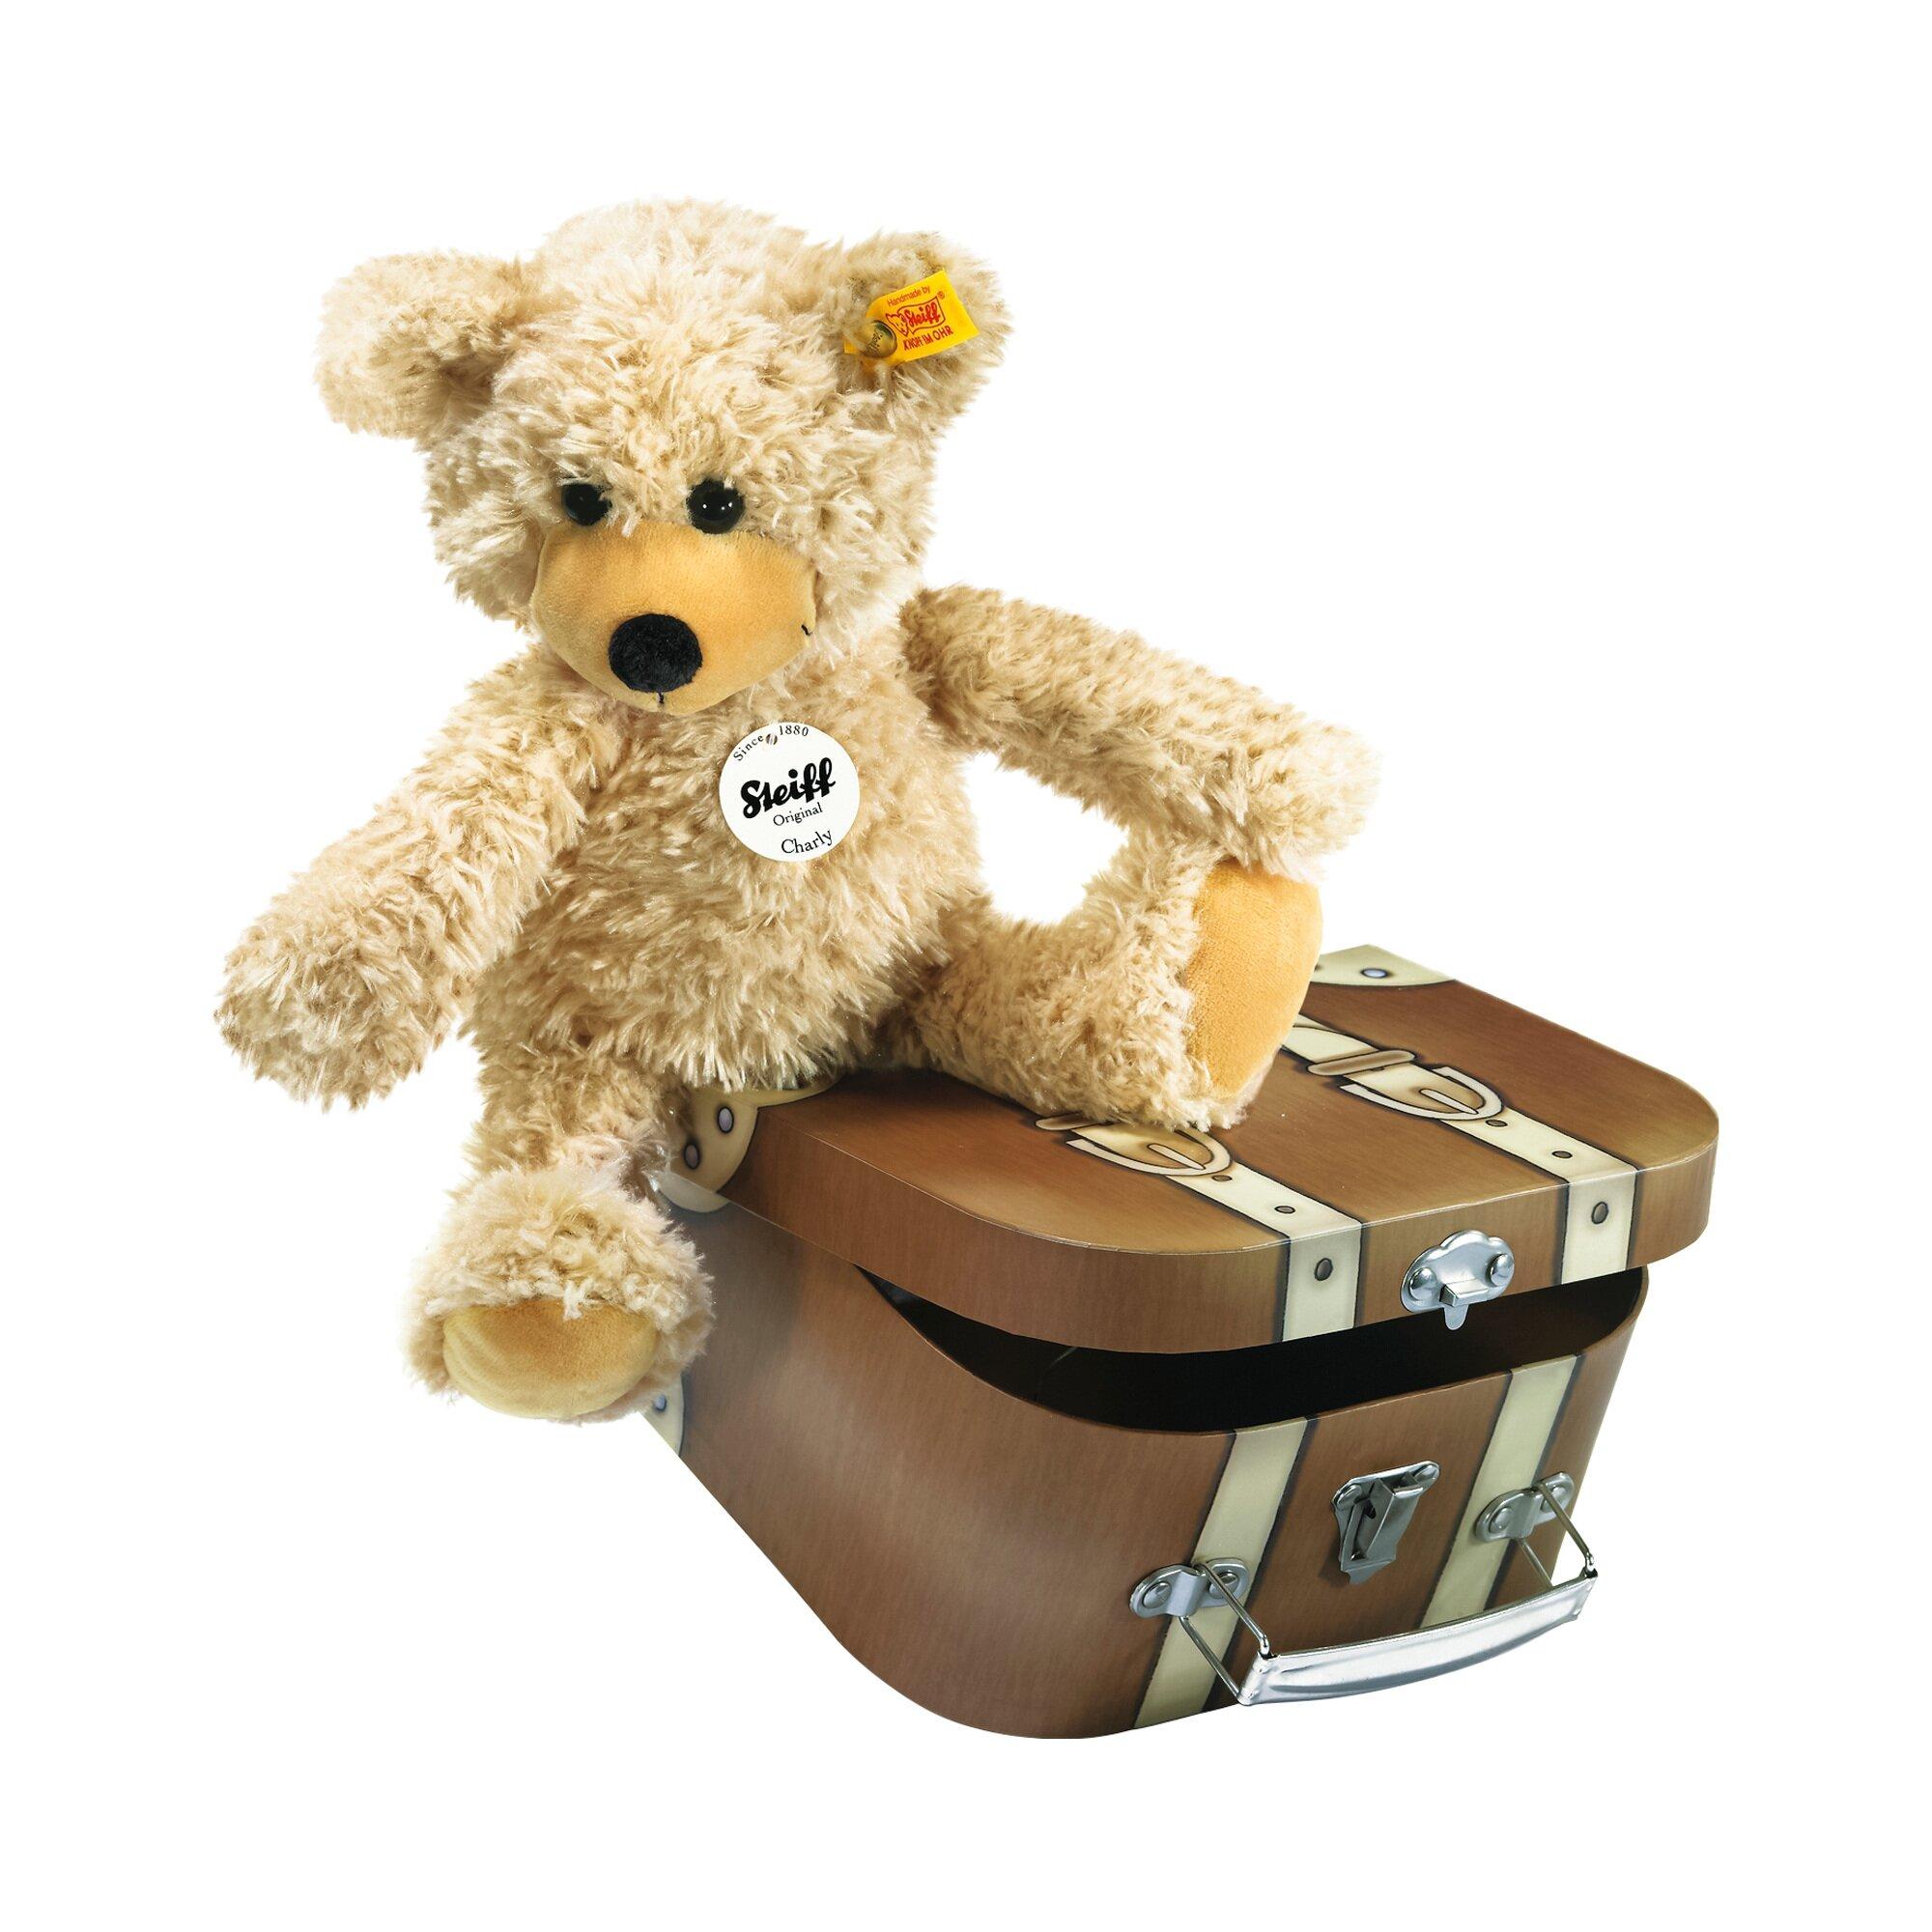 Steiff Teddybär Charly im Koffer 30 cm